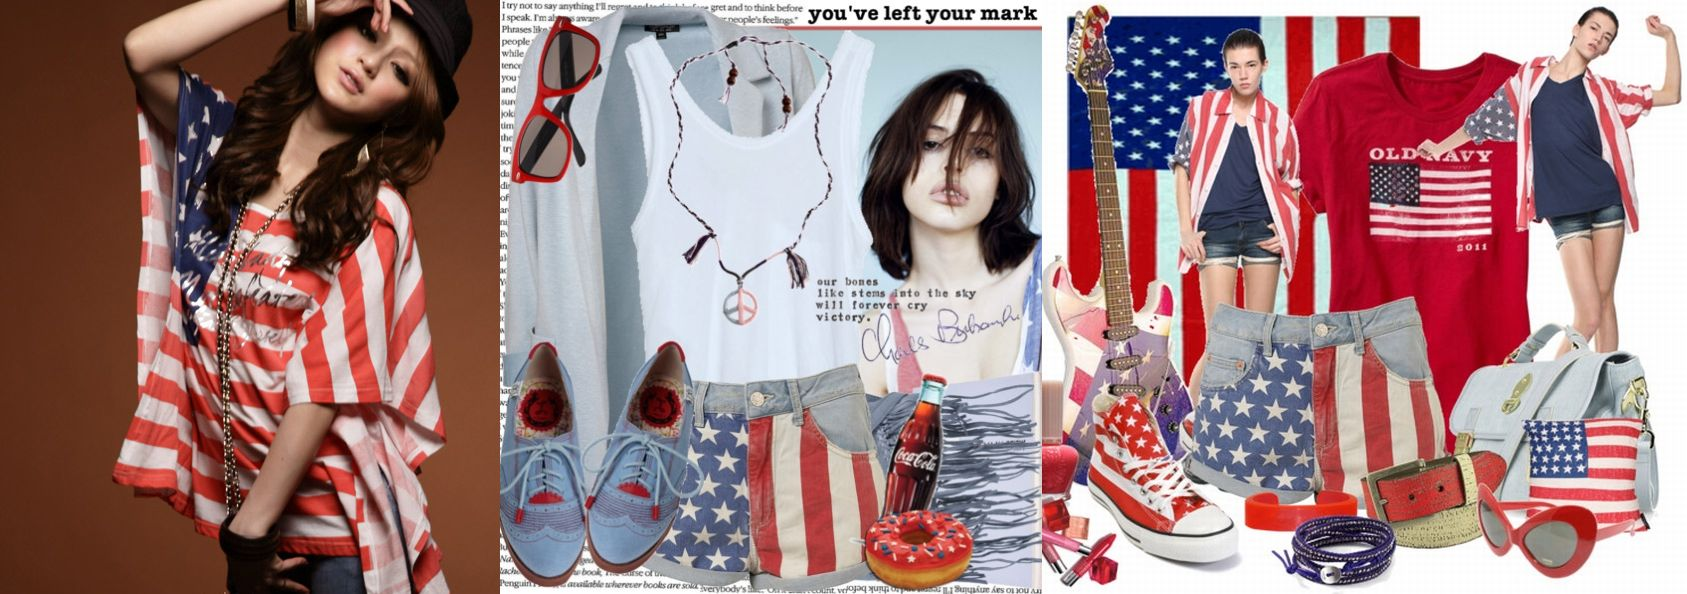 6e2761b89 Американский стиль одежды ассоциируется с легкостью, демократичностью  образов. Большинство подростков мечтает одеваться как учащиеся колледжей из  ...